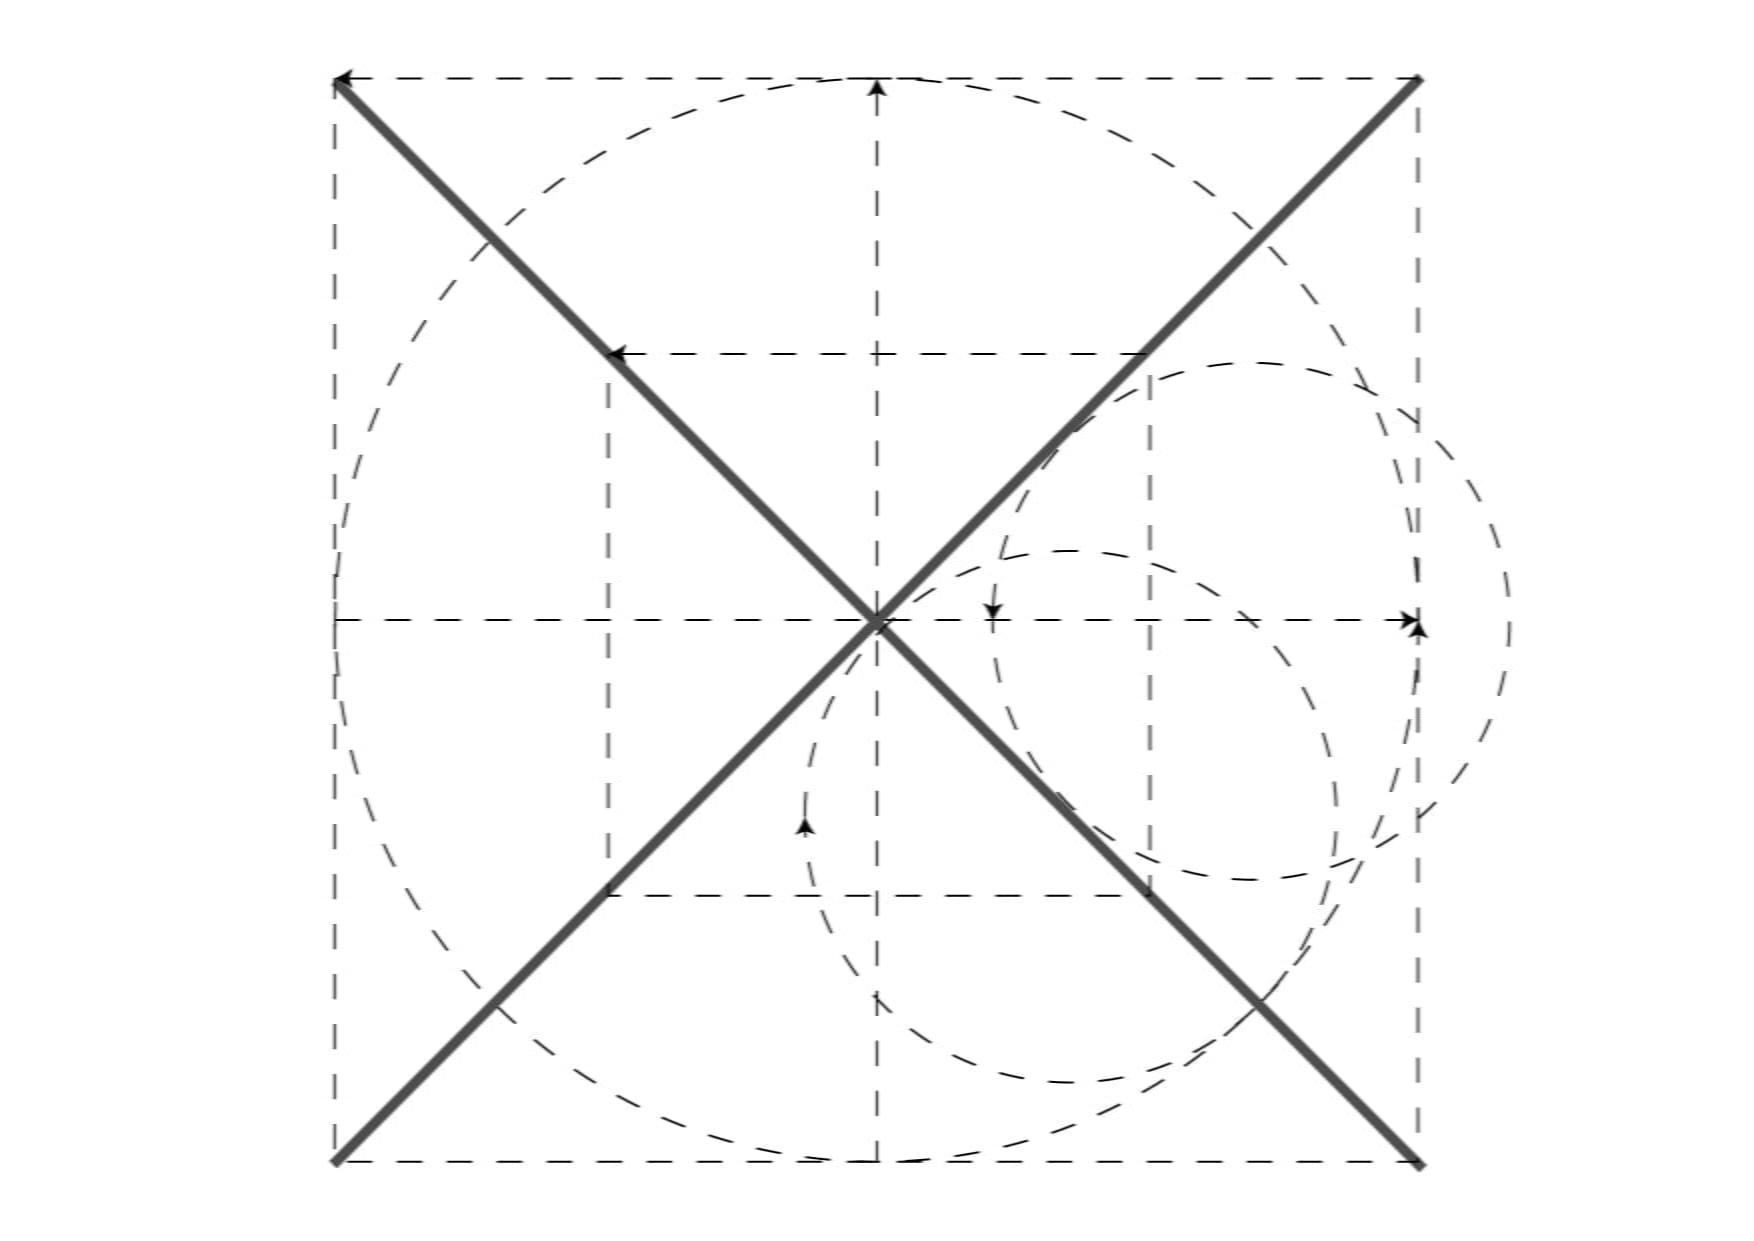 Alphabet: Mappa traiettorie per una danza possibile